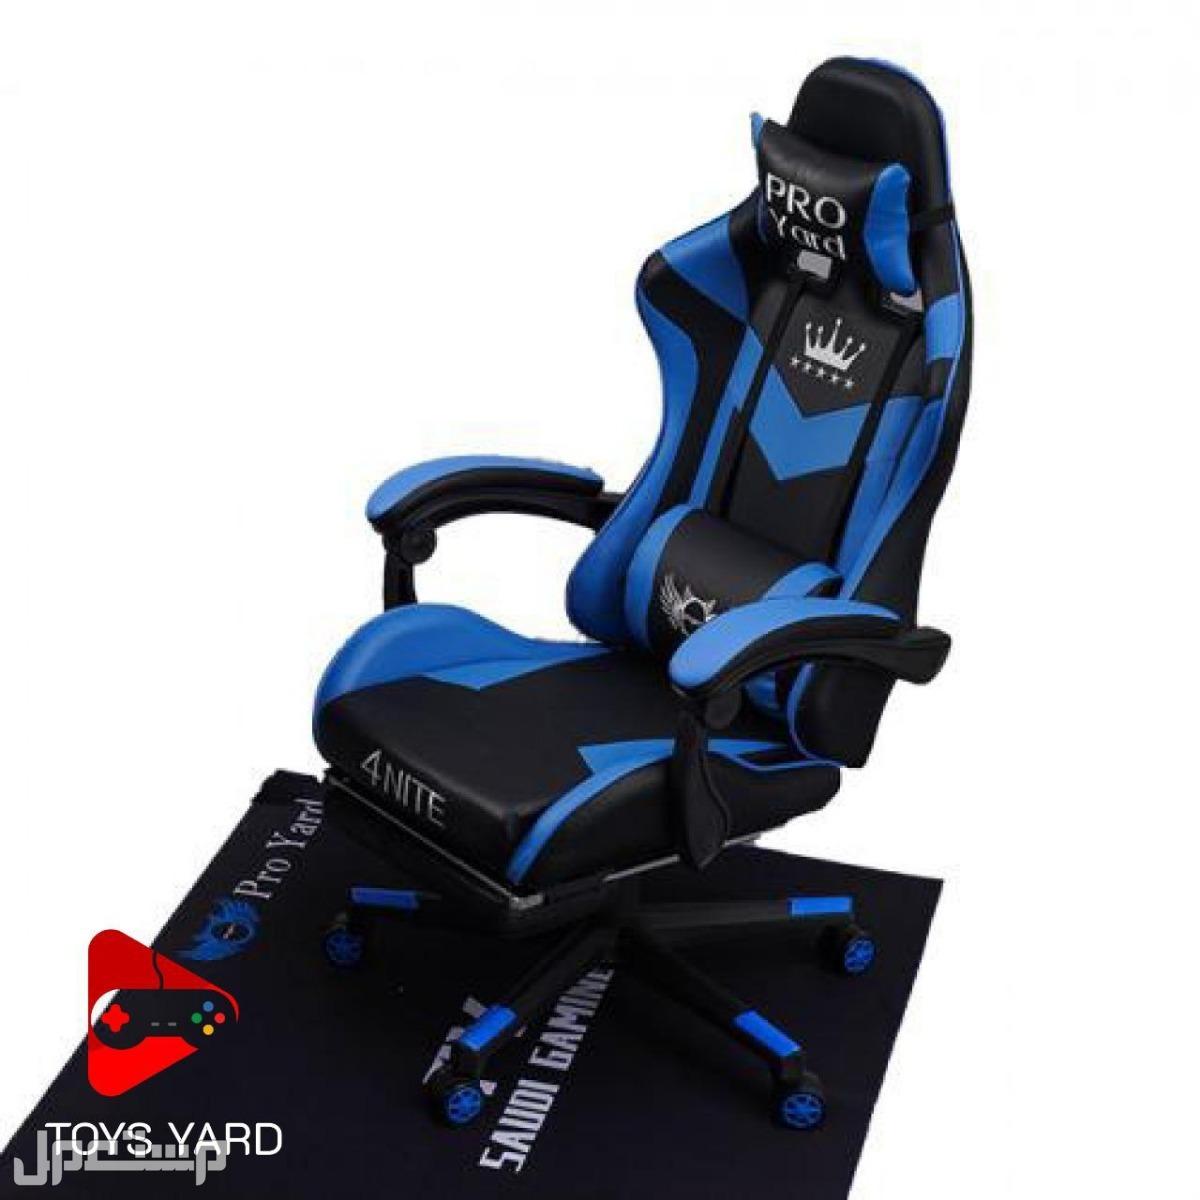 كرسي برو العادي+كرسي برو+كرسي البلس